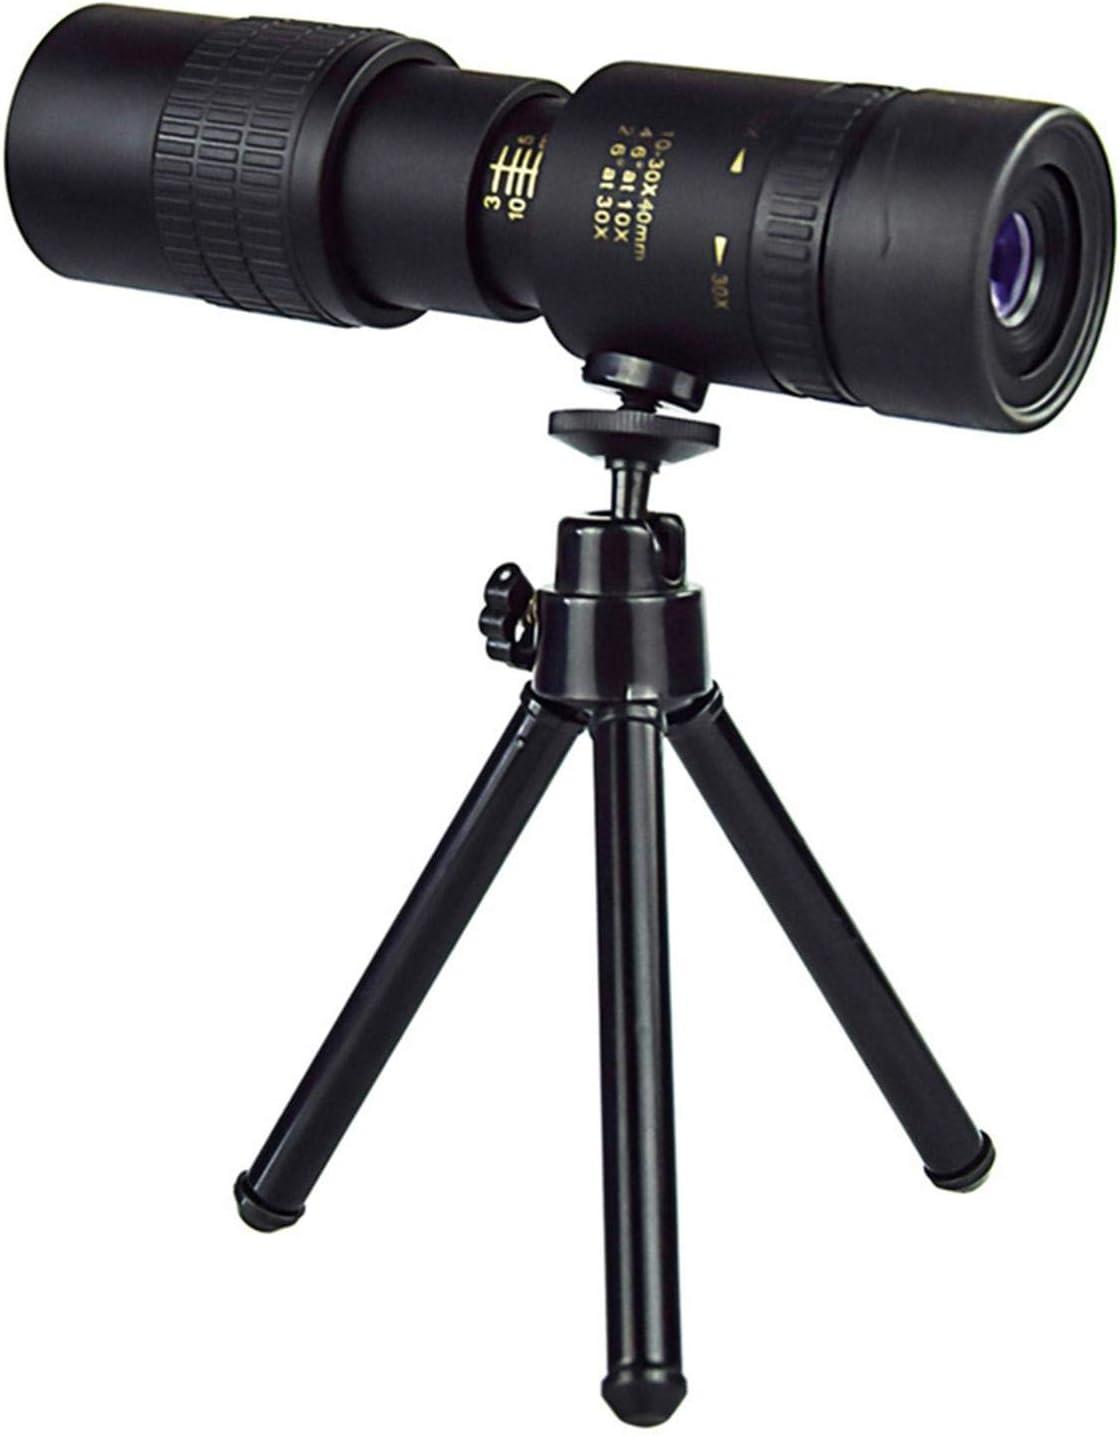 monocular de visi/ón nocturna impermeable a prueba de niebla con soporte para tel/éfono inteligente y tr/ípode para viajes senderismo Telescopio monocular con zoom s/úper teleobjetivo 4K 10-300X40 mm